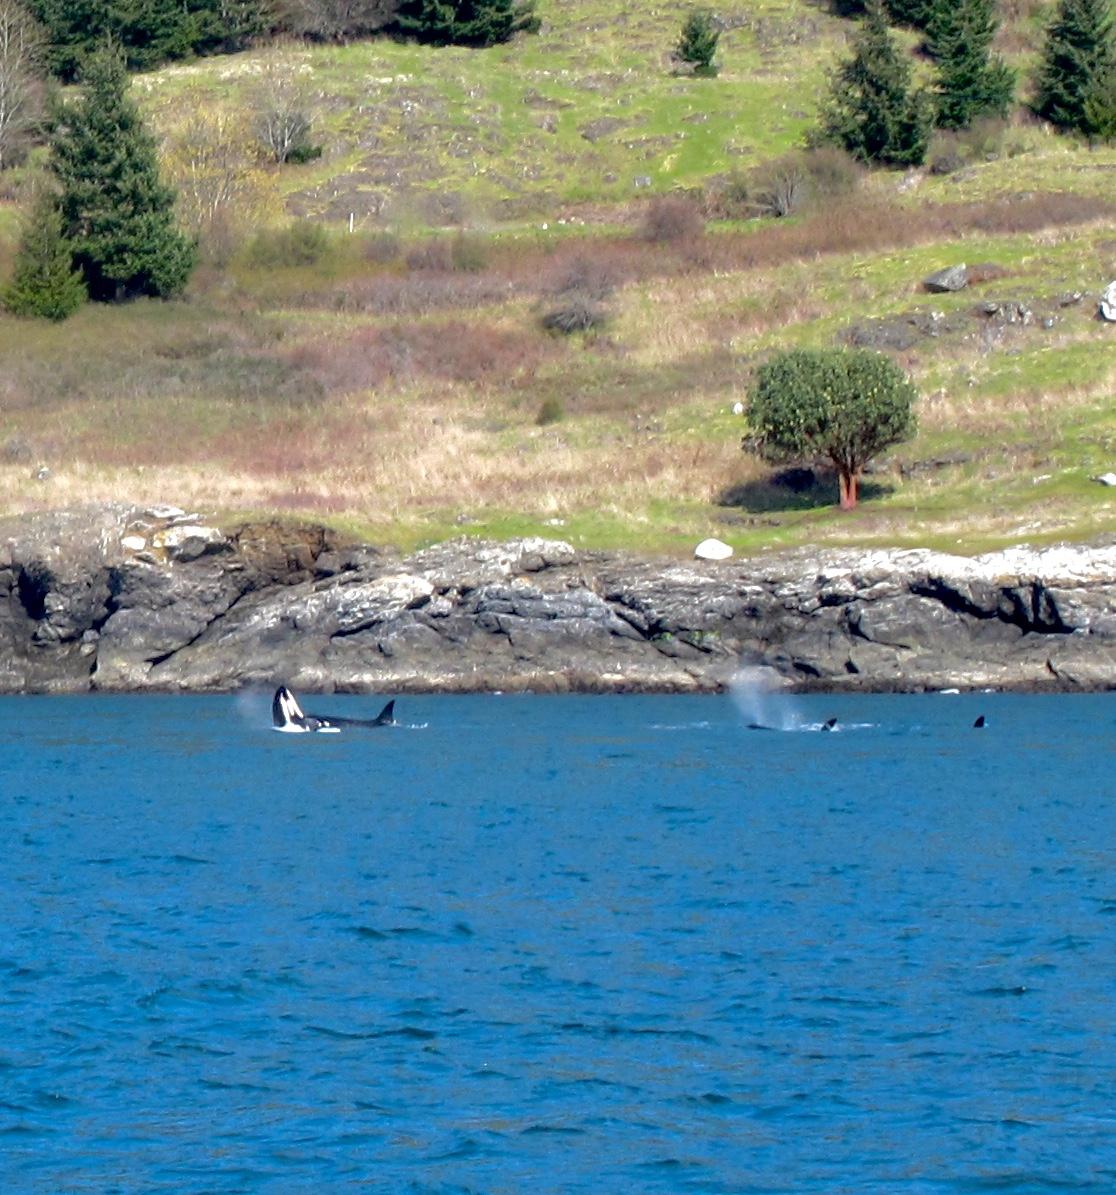 Baby orca doing a half breach, along the coast of the San Juan islands.